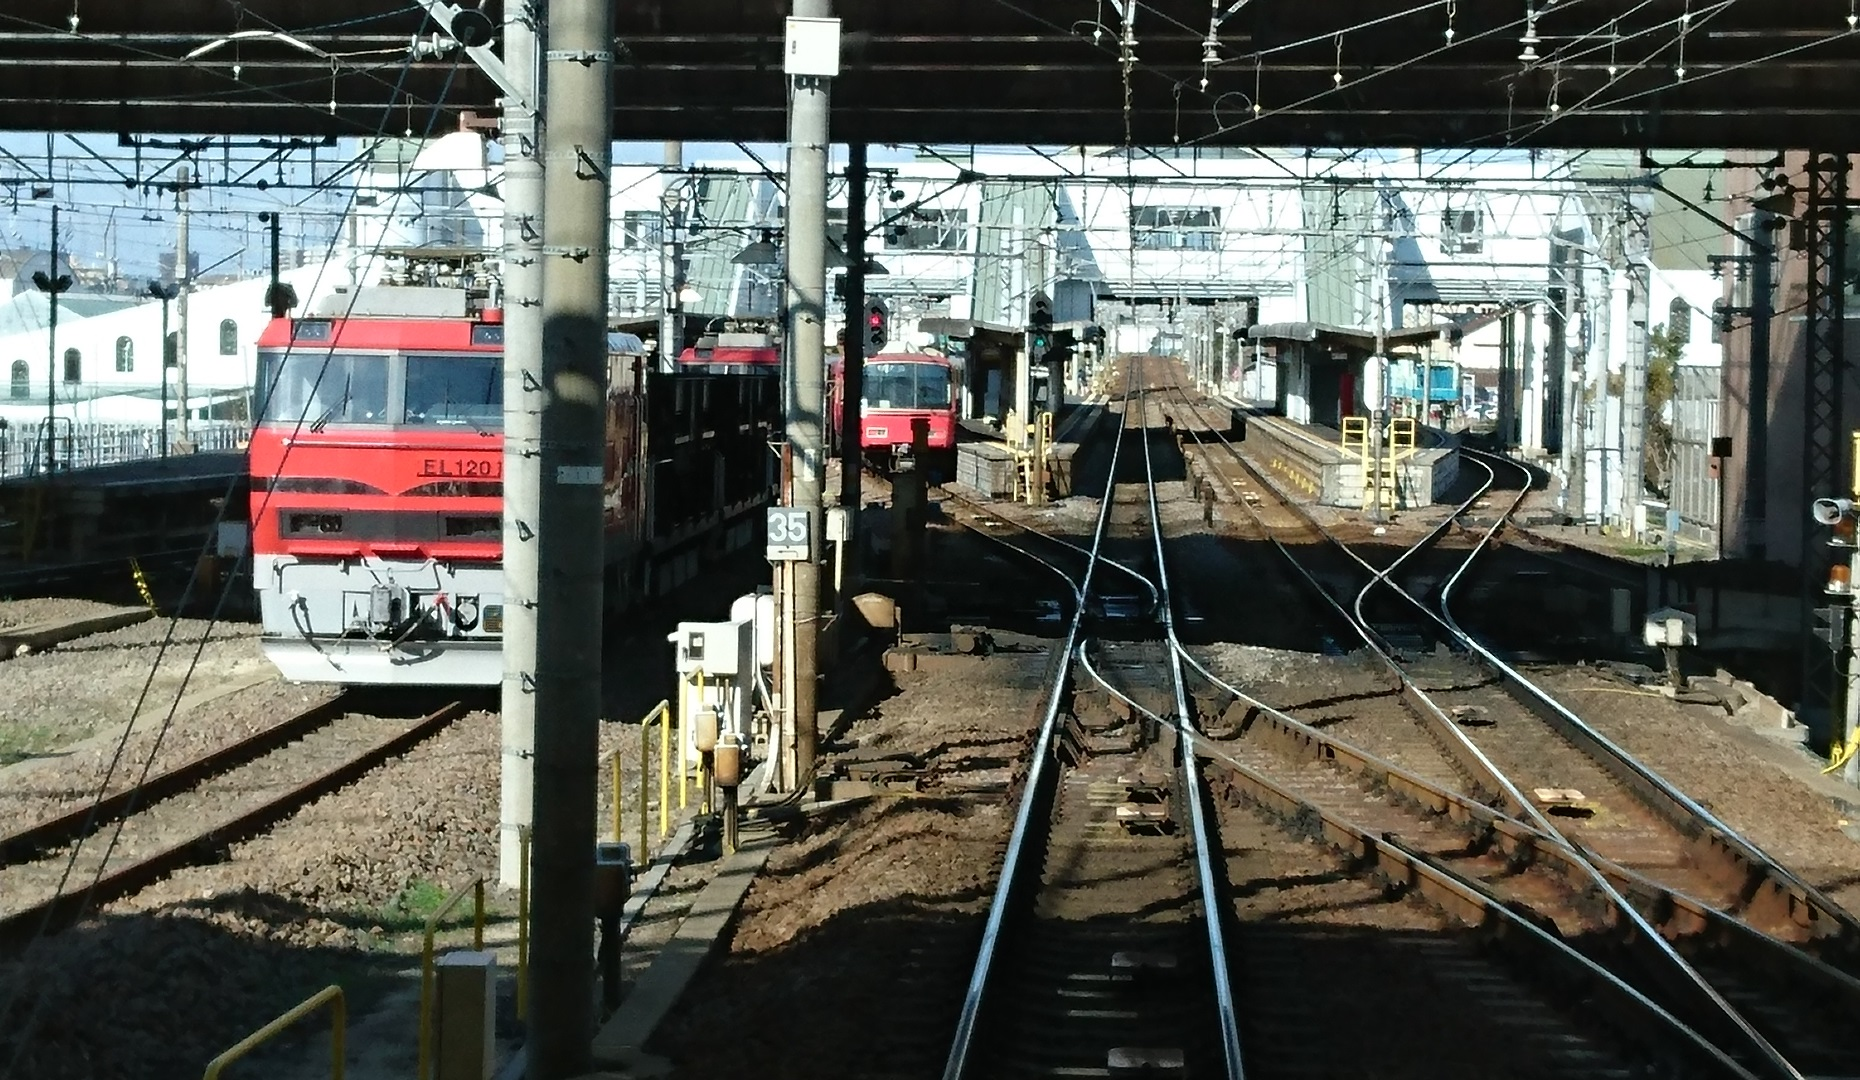 2016.12.10 名古屋本線 (12) 岐阜いき急行 - 豊明(電気機関車)1860-1080